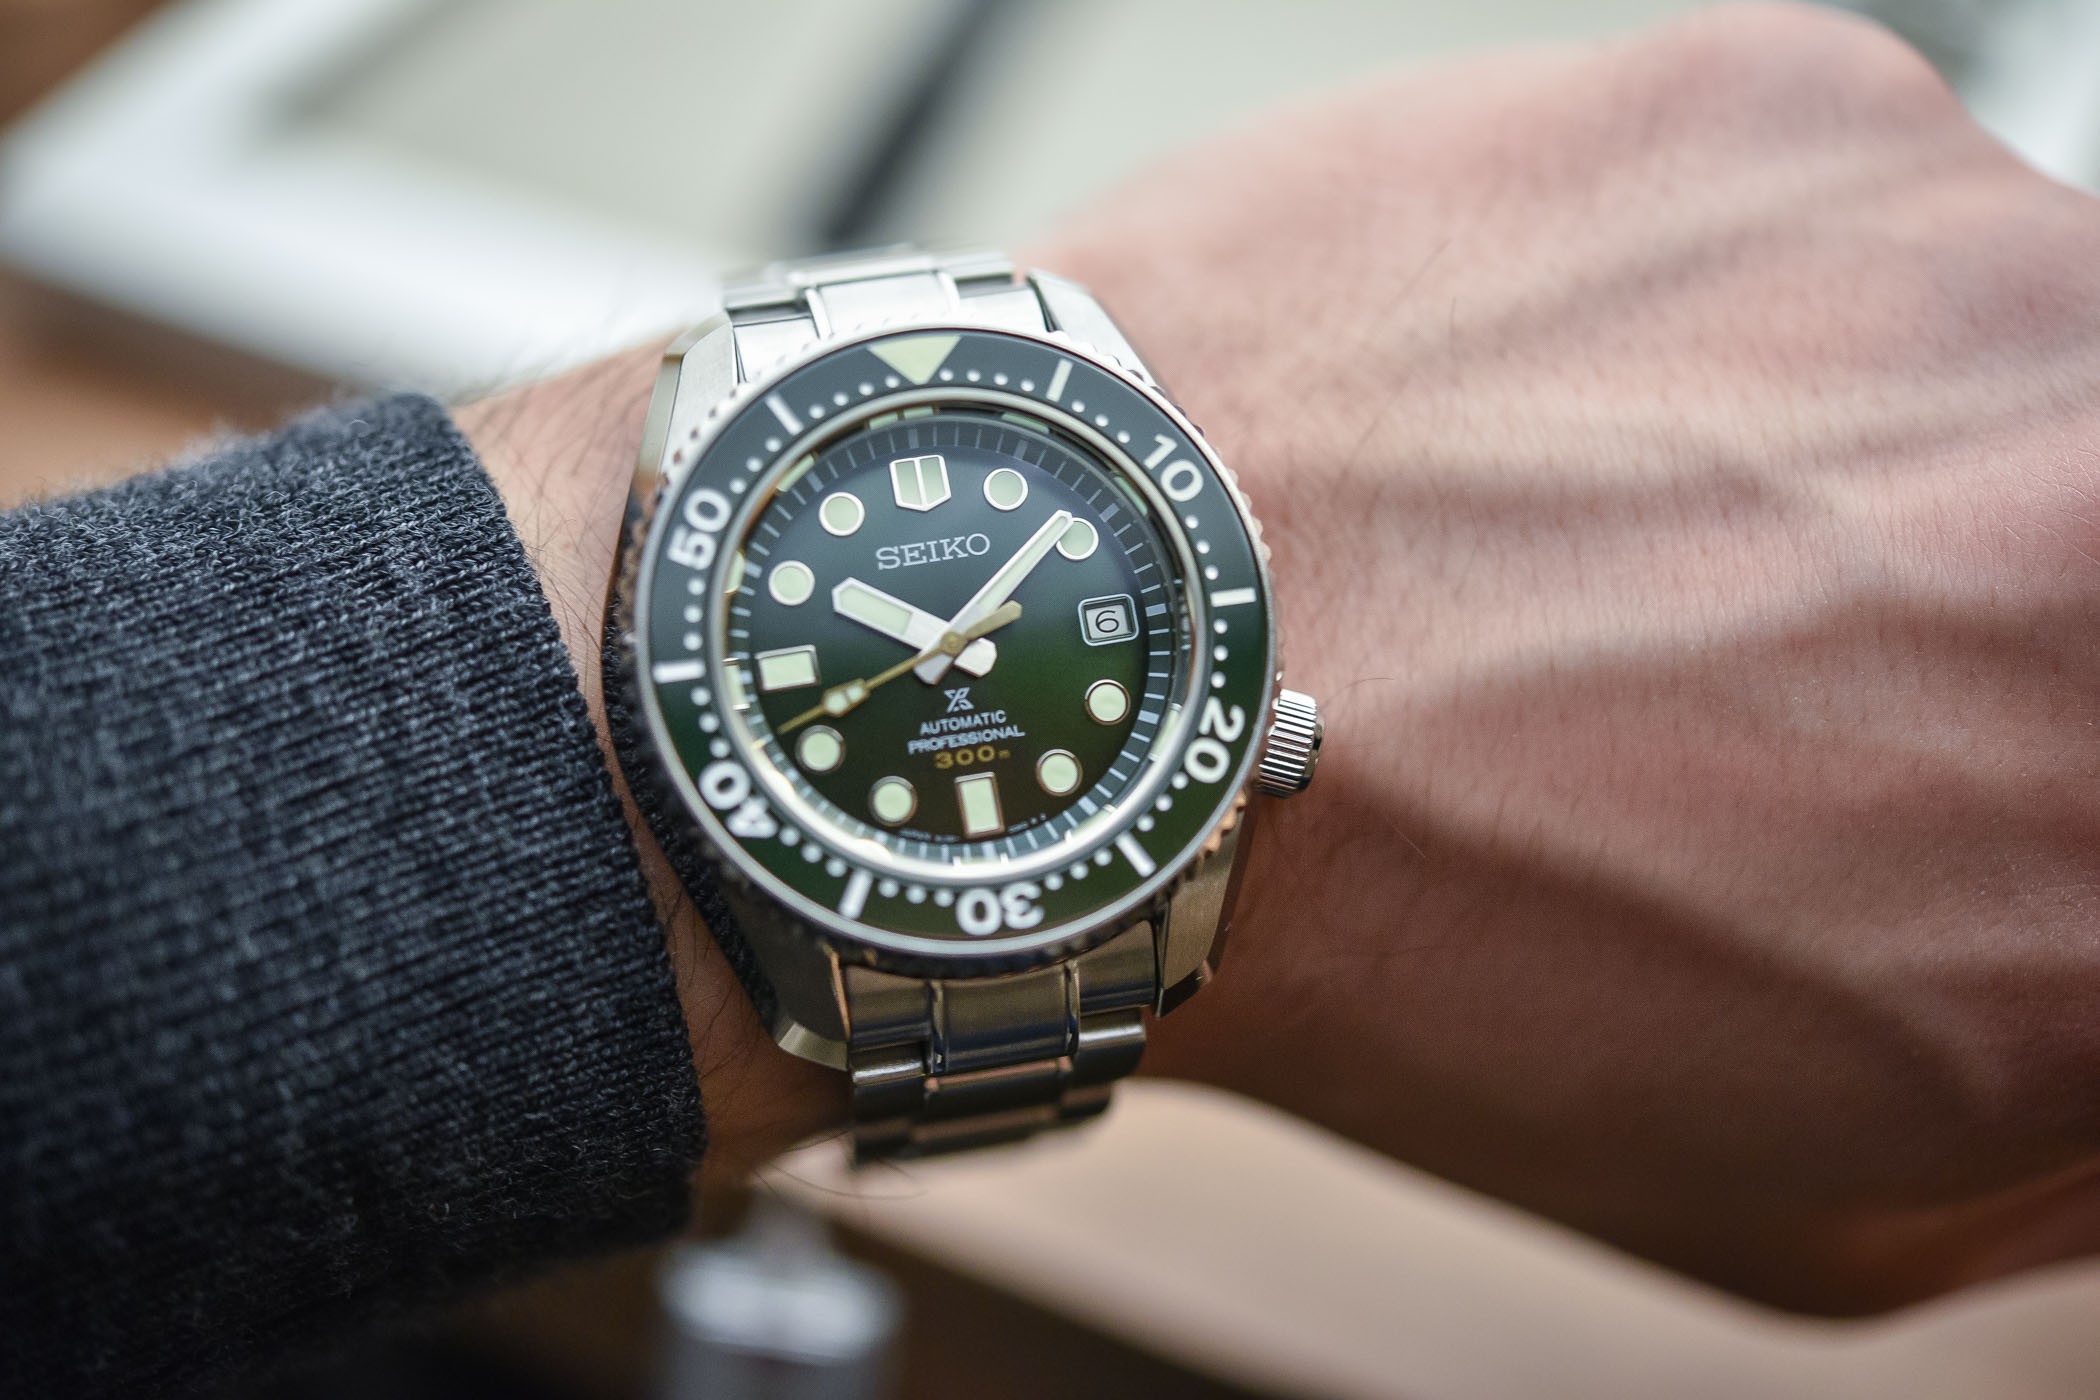 Seiko Prospex 1968 Automatic Diver's Commemorative Limited Edition SLA019